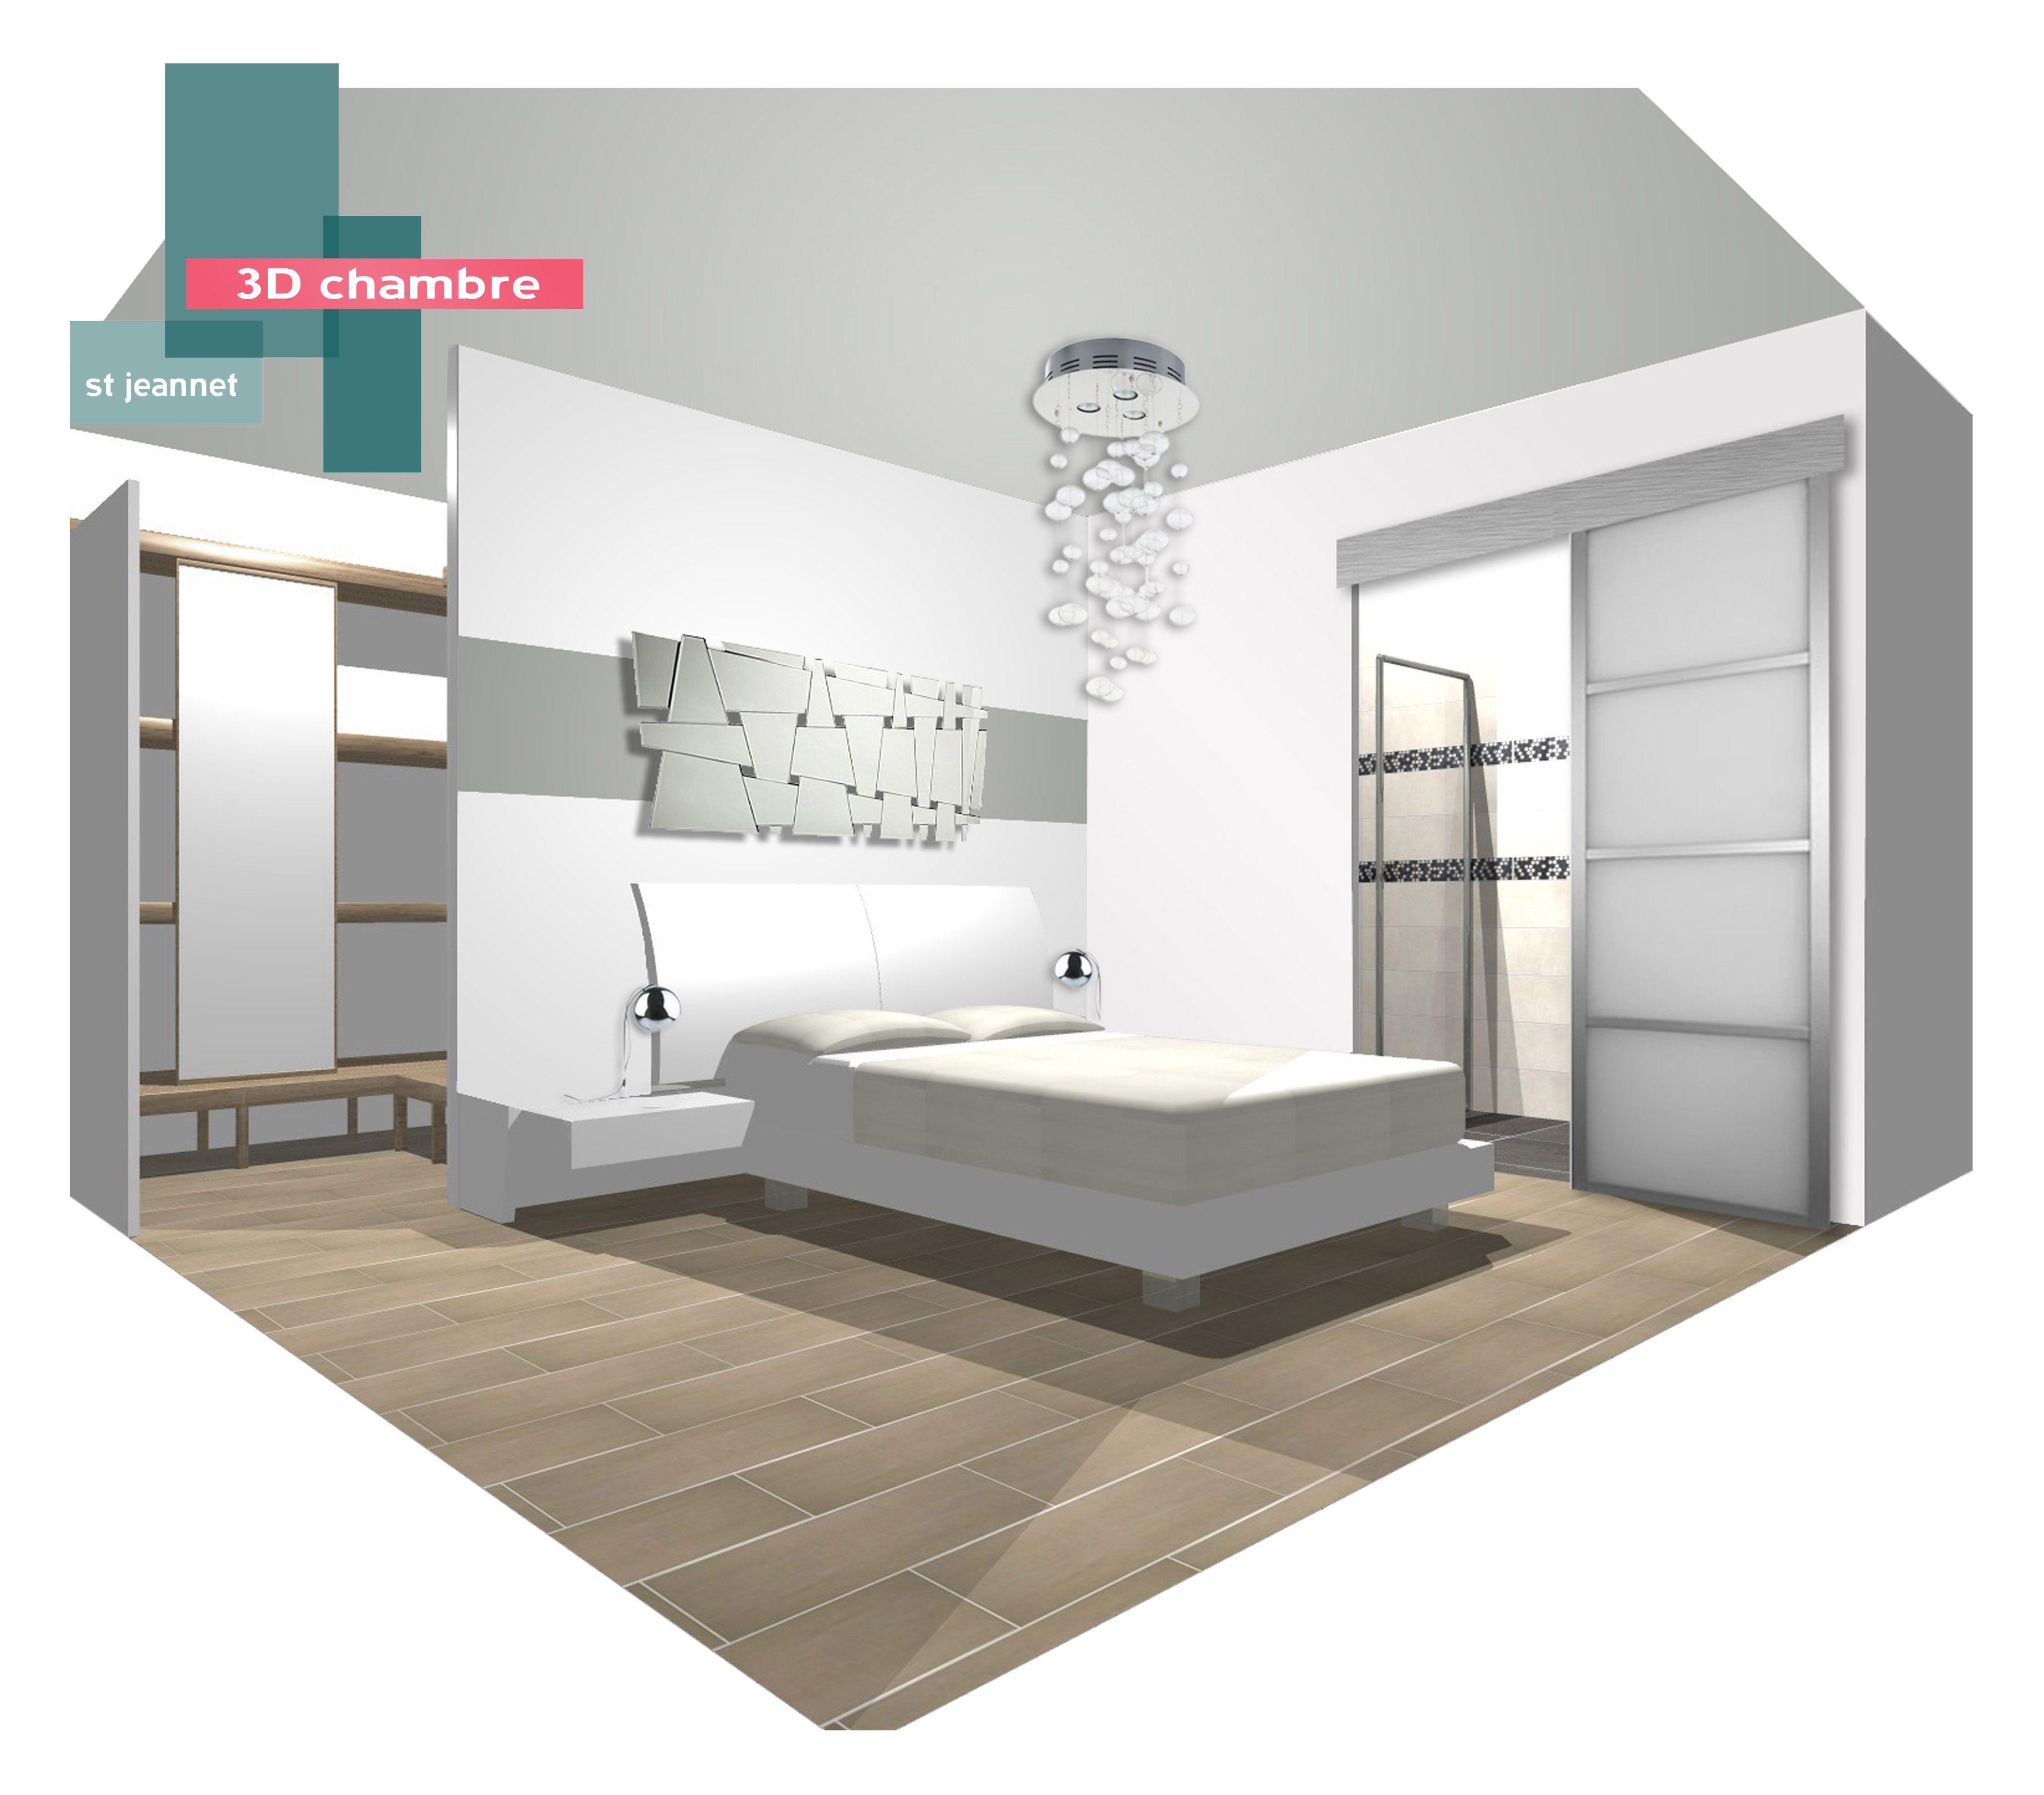 3d Suite Parentale B Indoor Http Www B Indoor Com Decoration Design Agencement Contemporain Art Mobilier Design Architecture Interieure Decoration